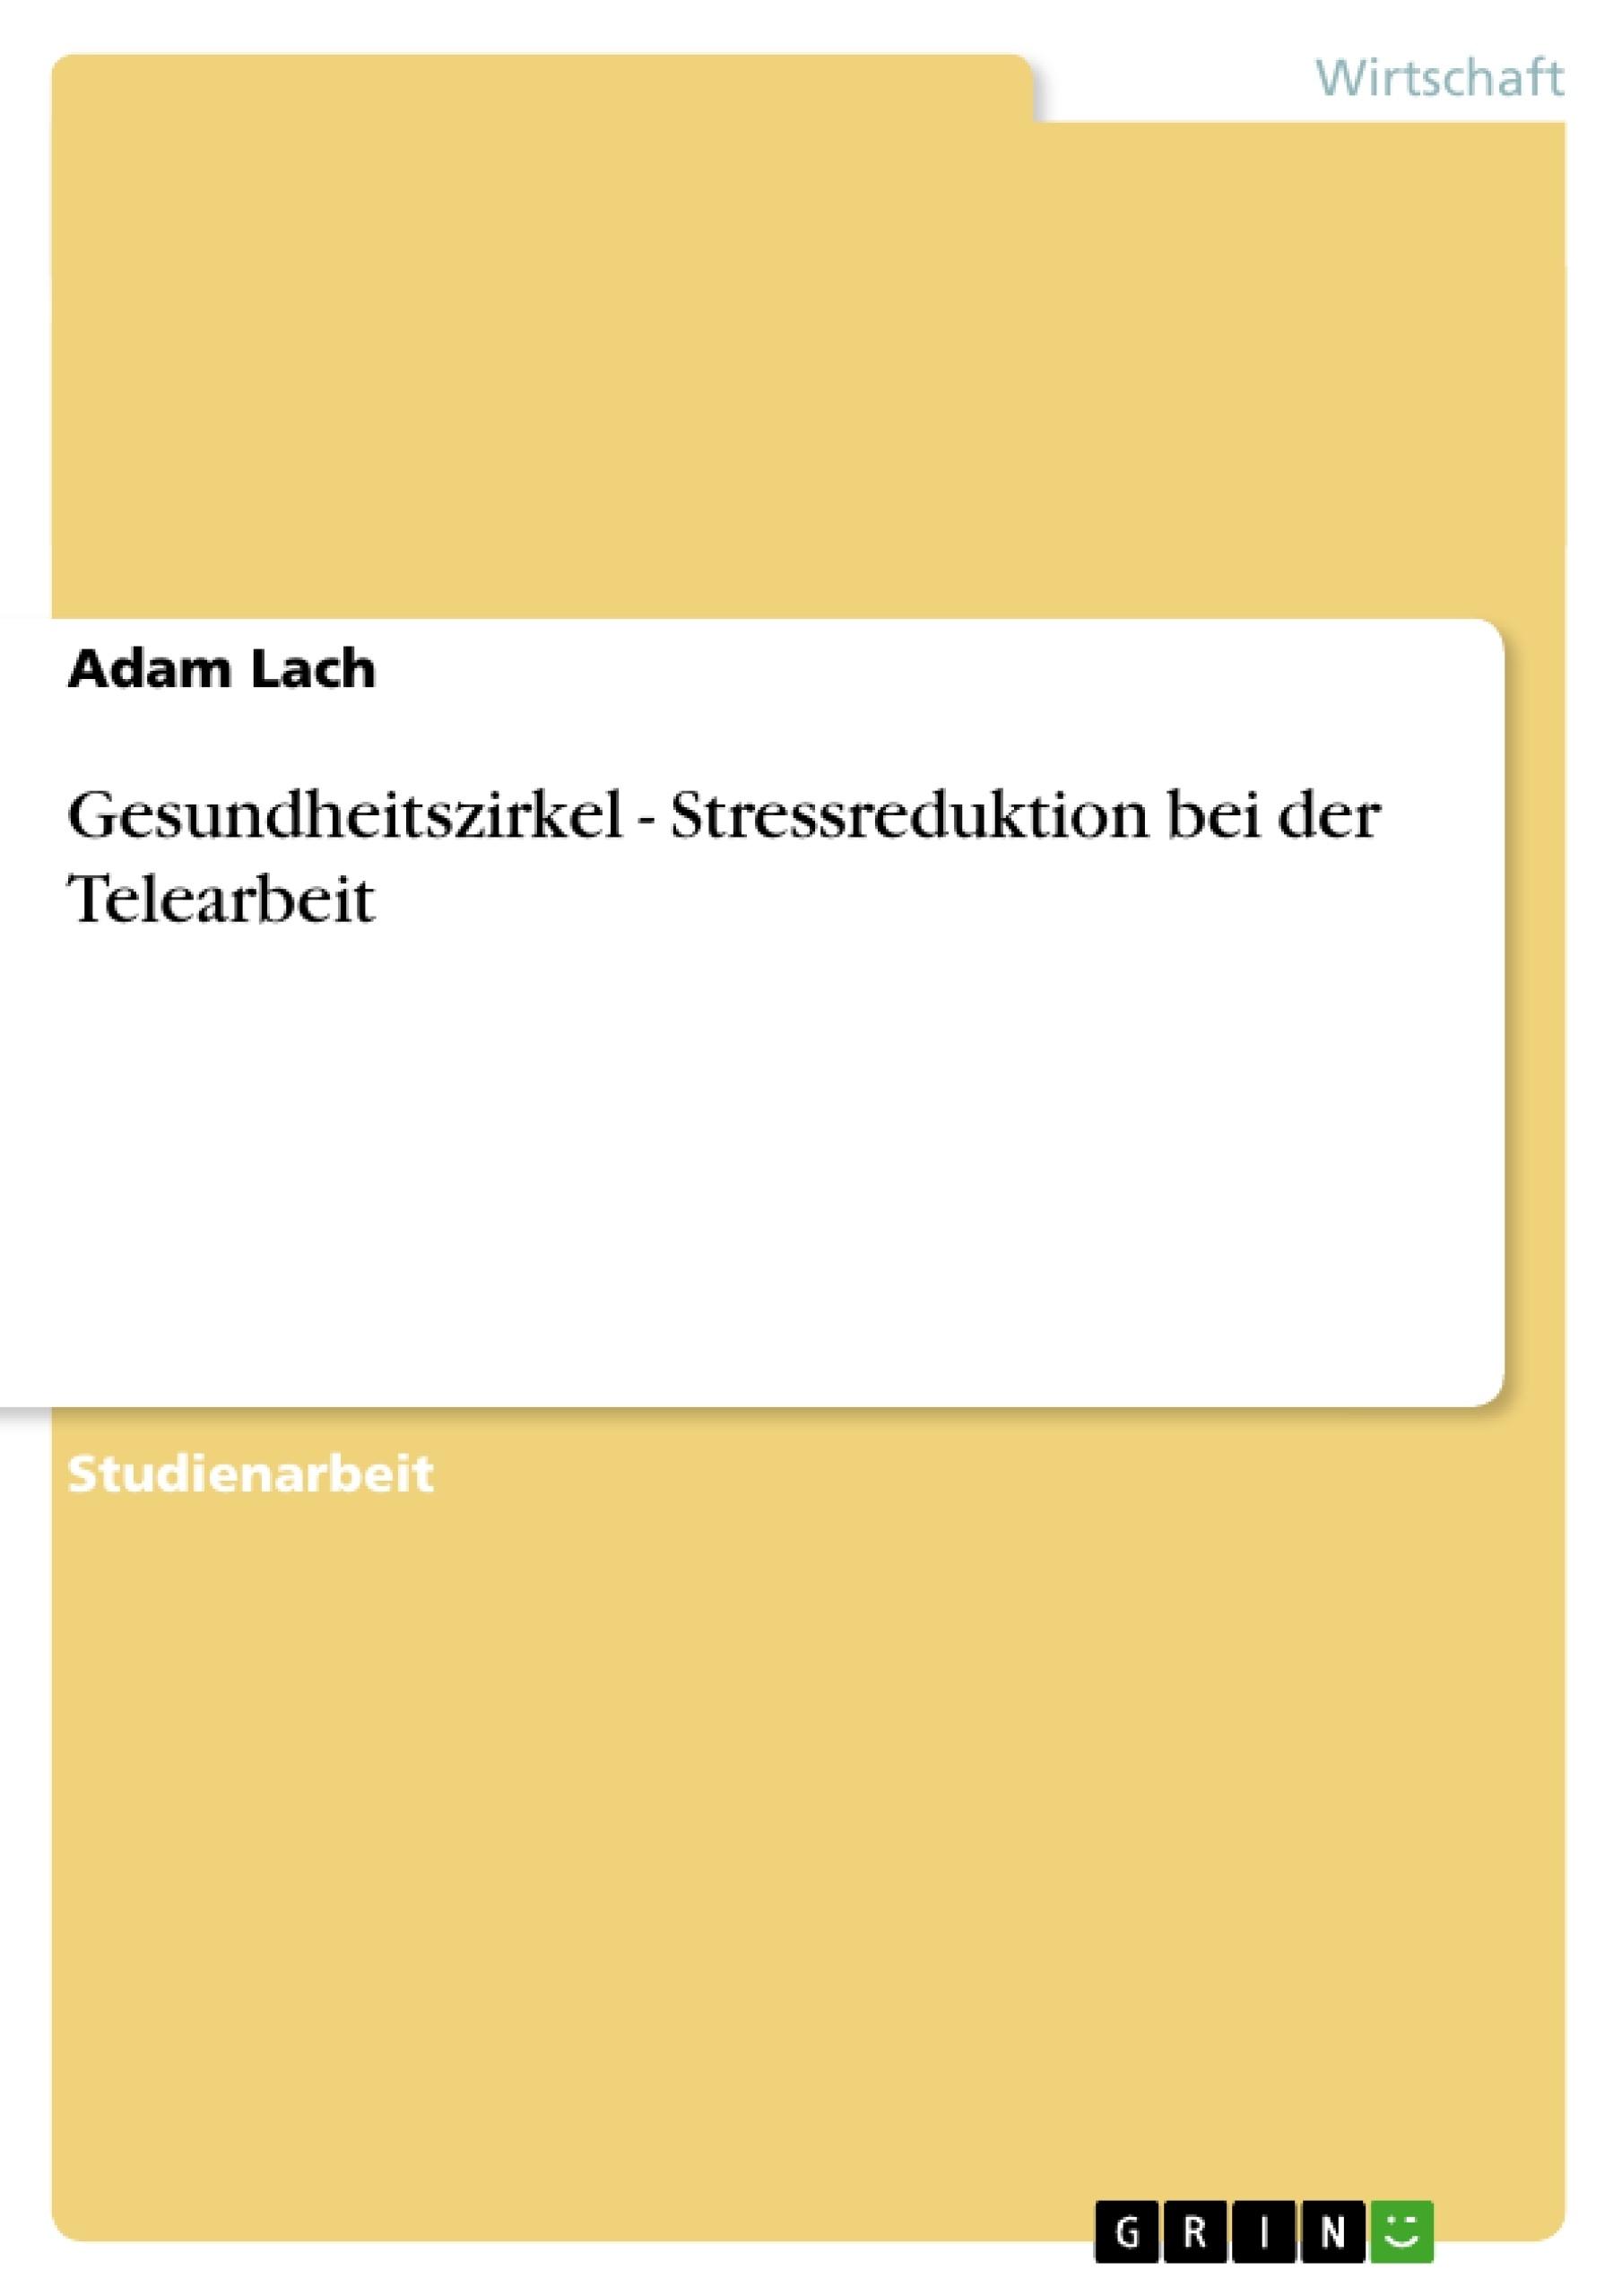 Titel: Gesundheitszirkel - Stressreduktion bei  der Telearbeit